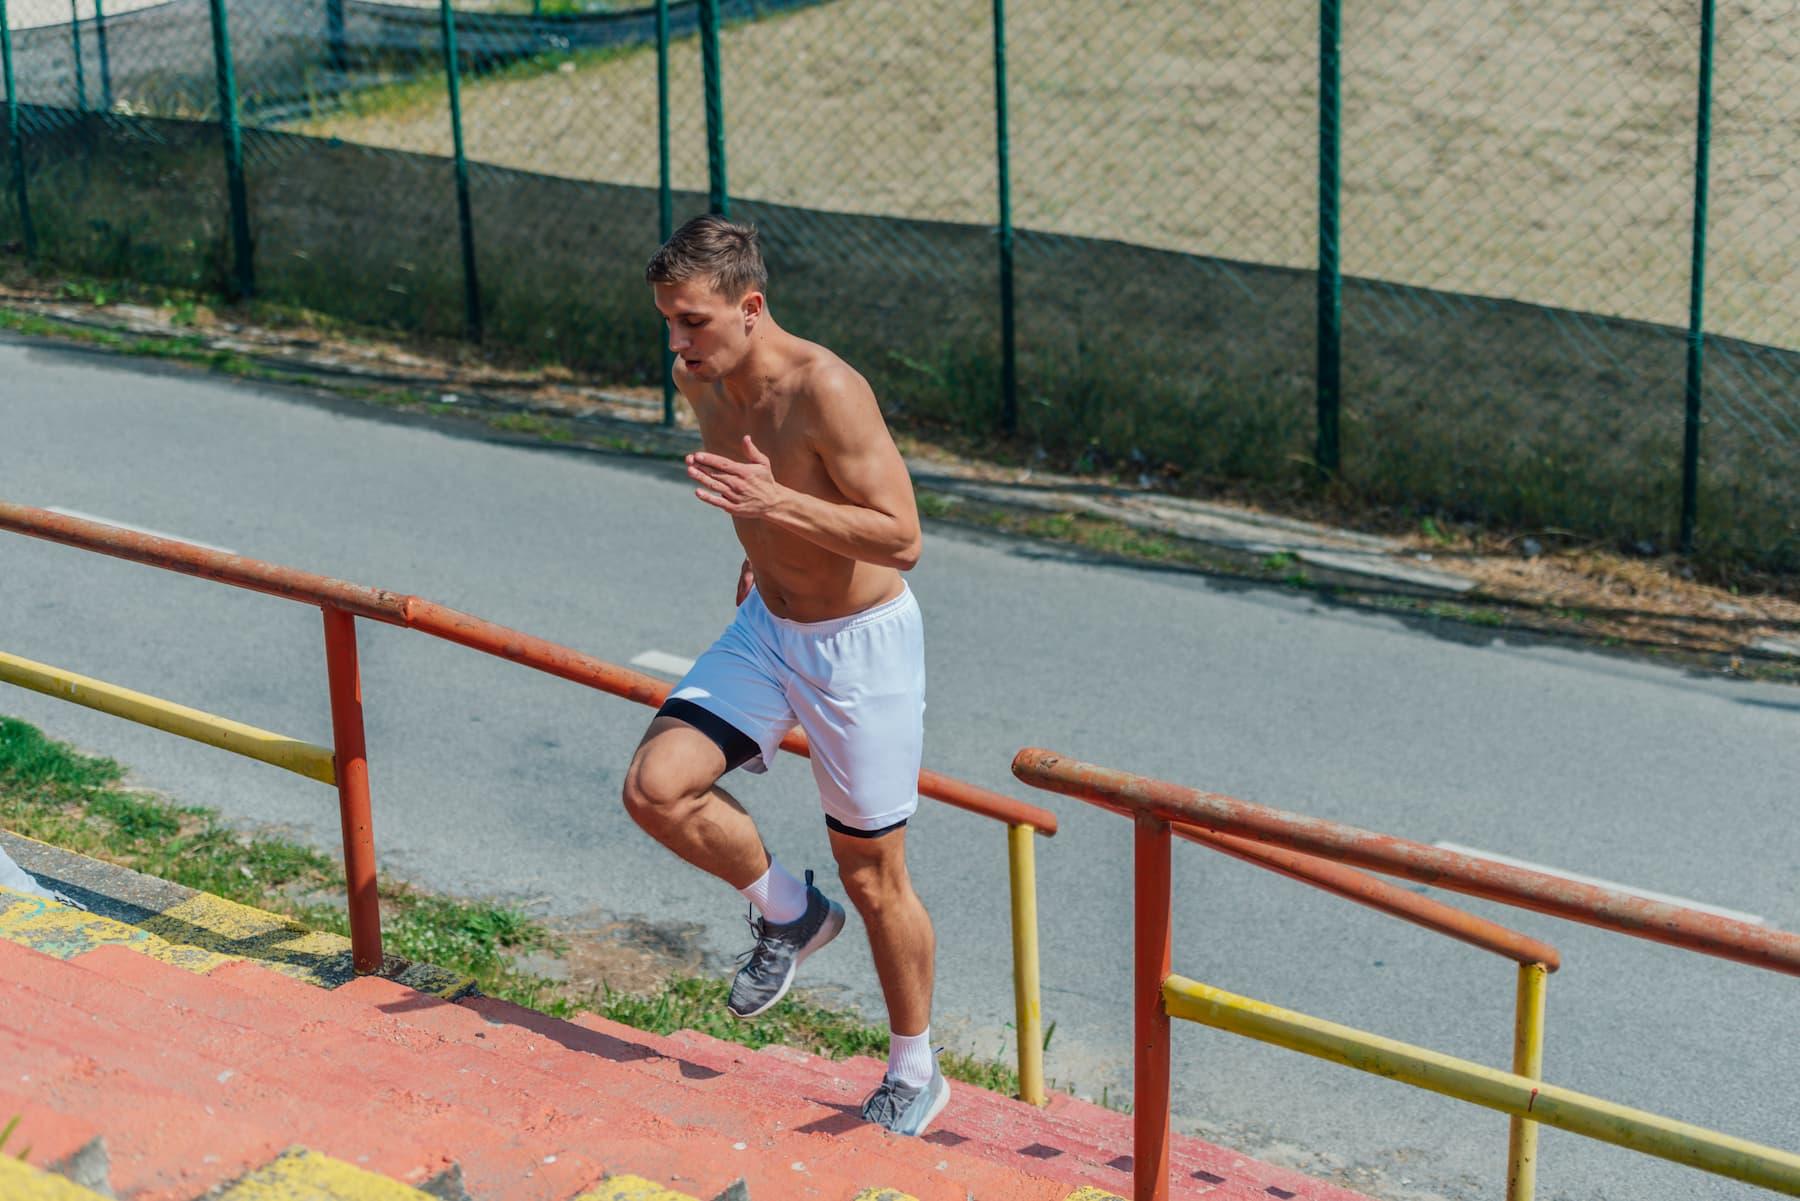 trening na świeżym powietrzu, ćwiczenia na świeżym powietrzu, trening w upale